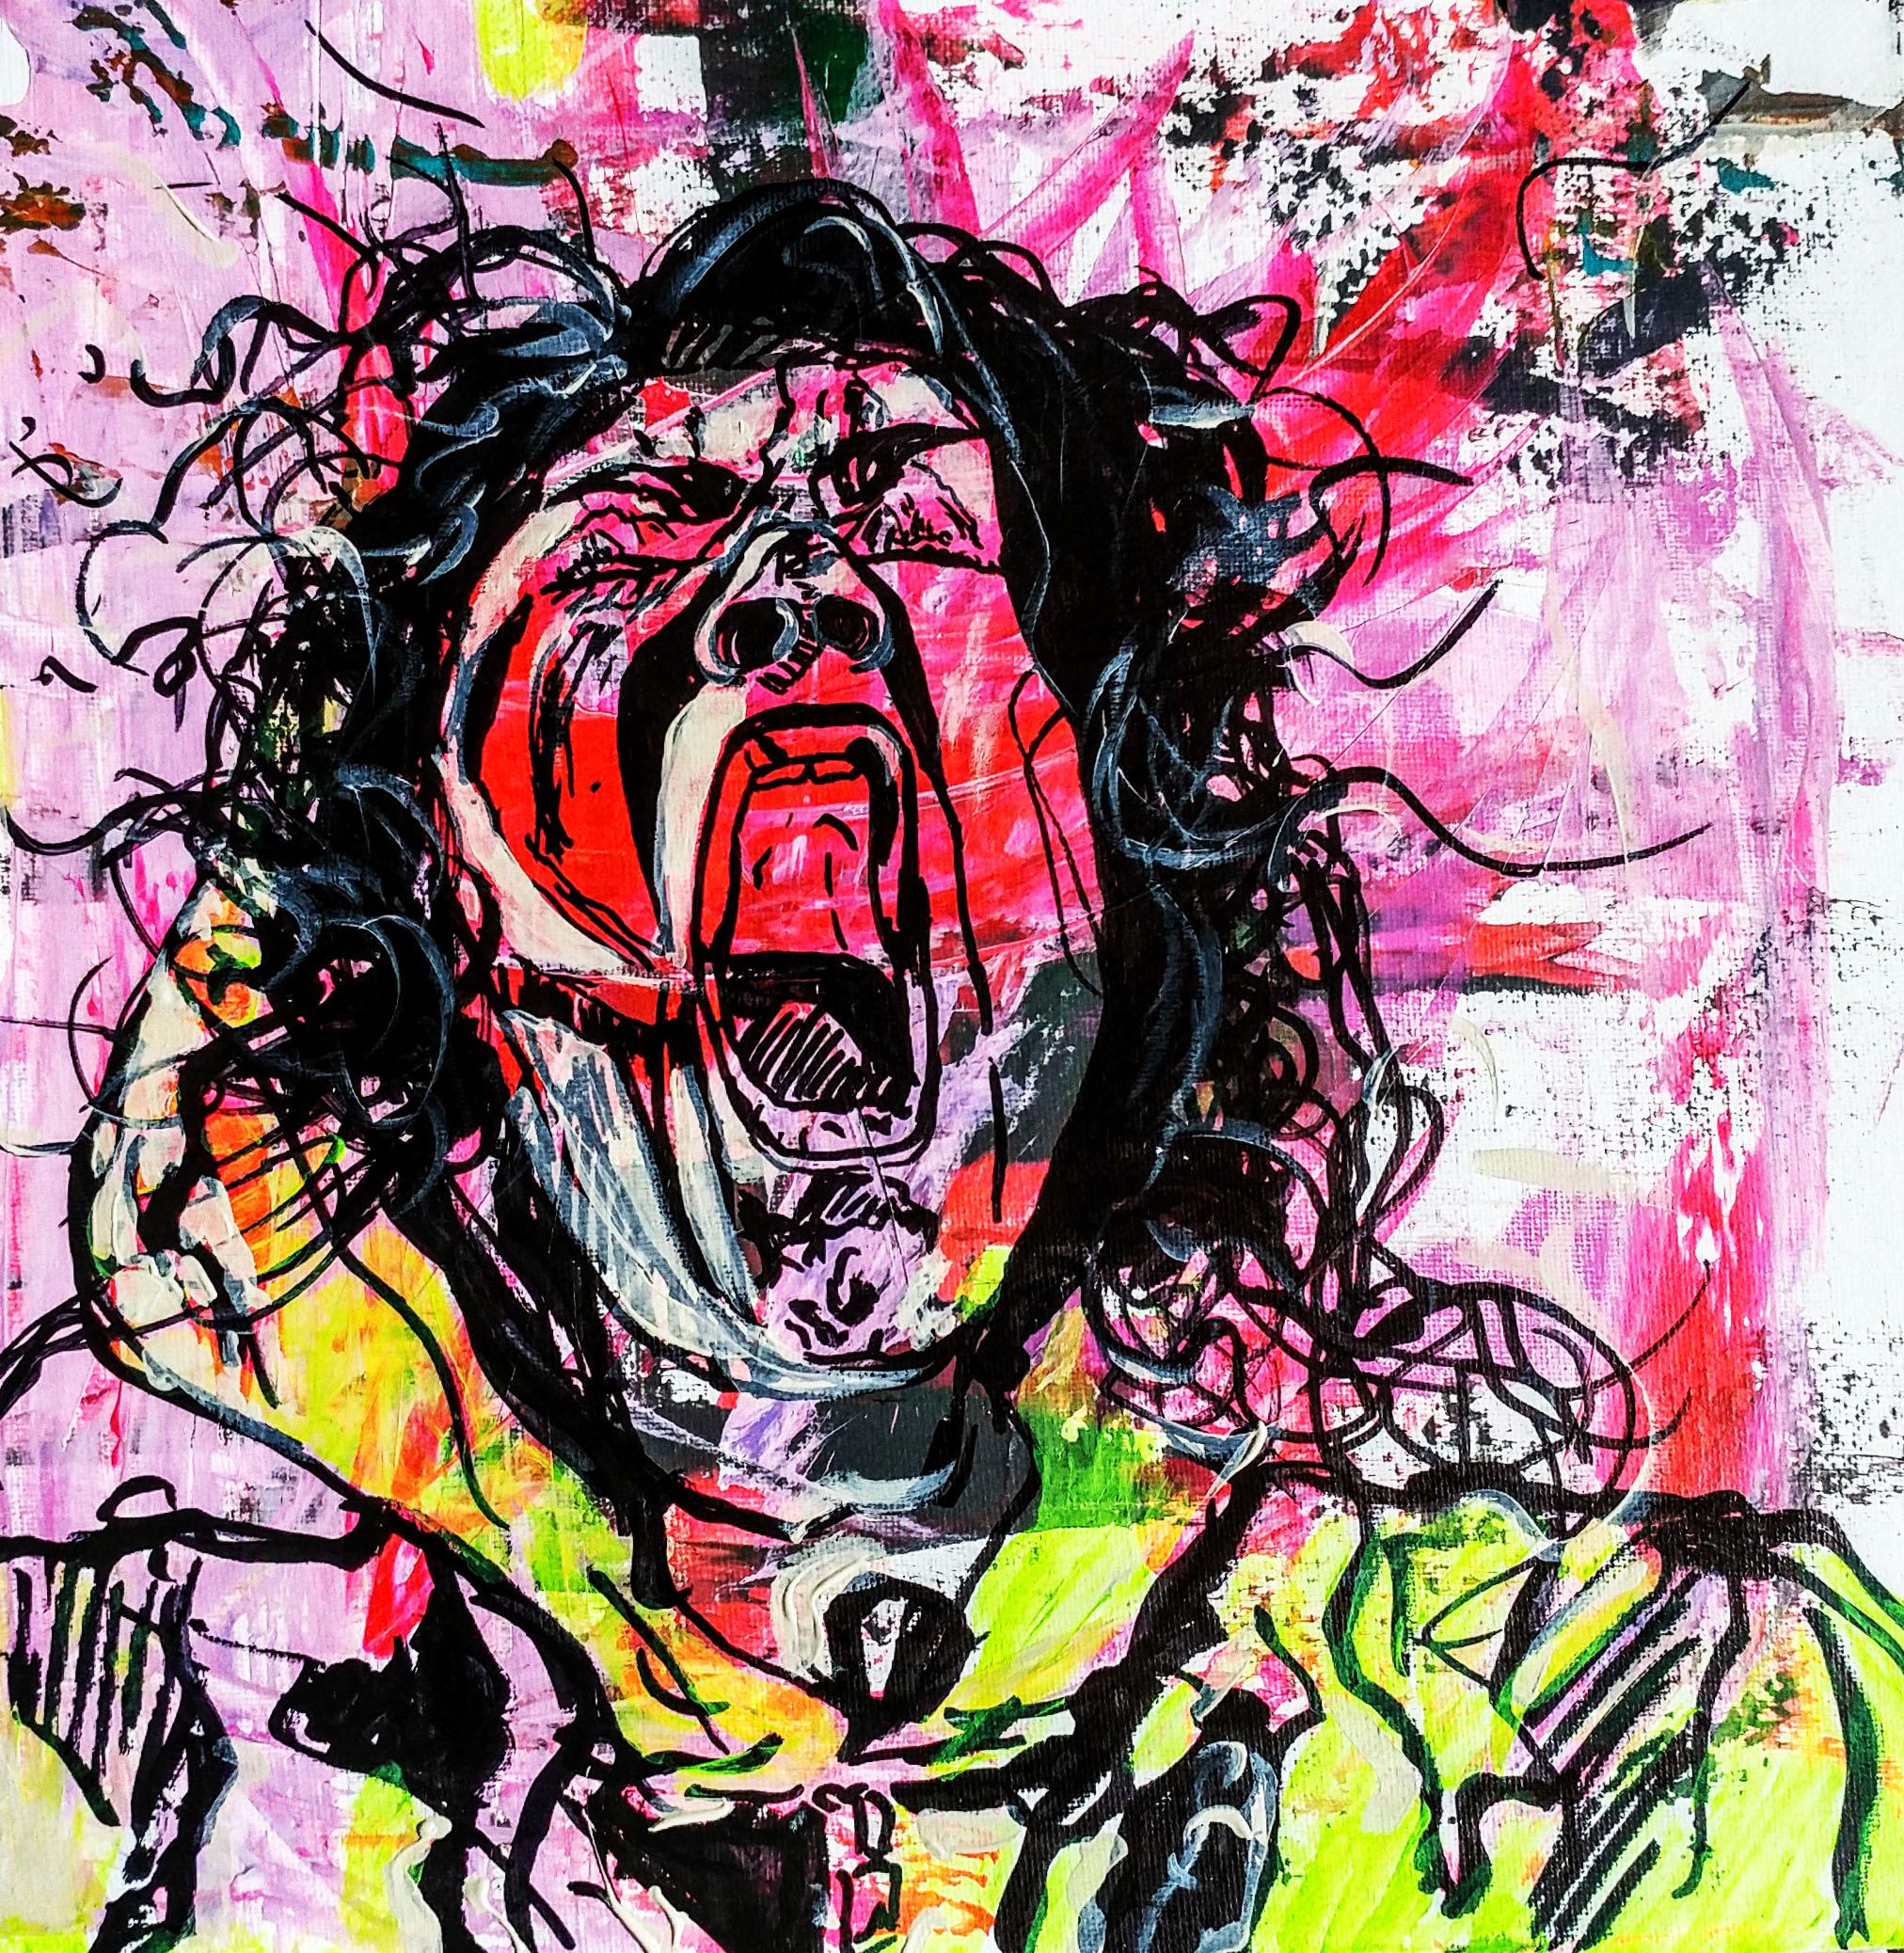 Yawning Chez (2017)